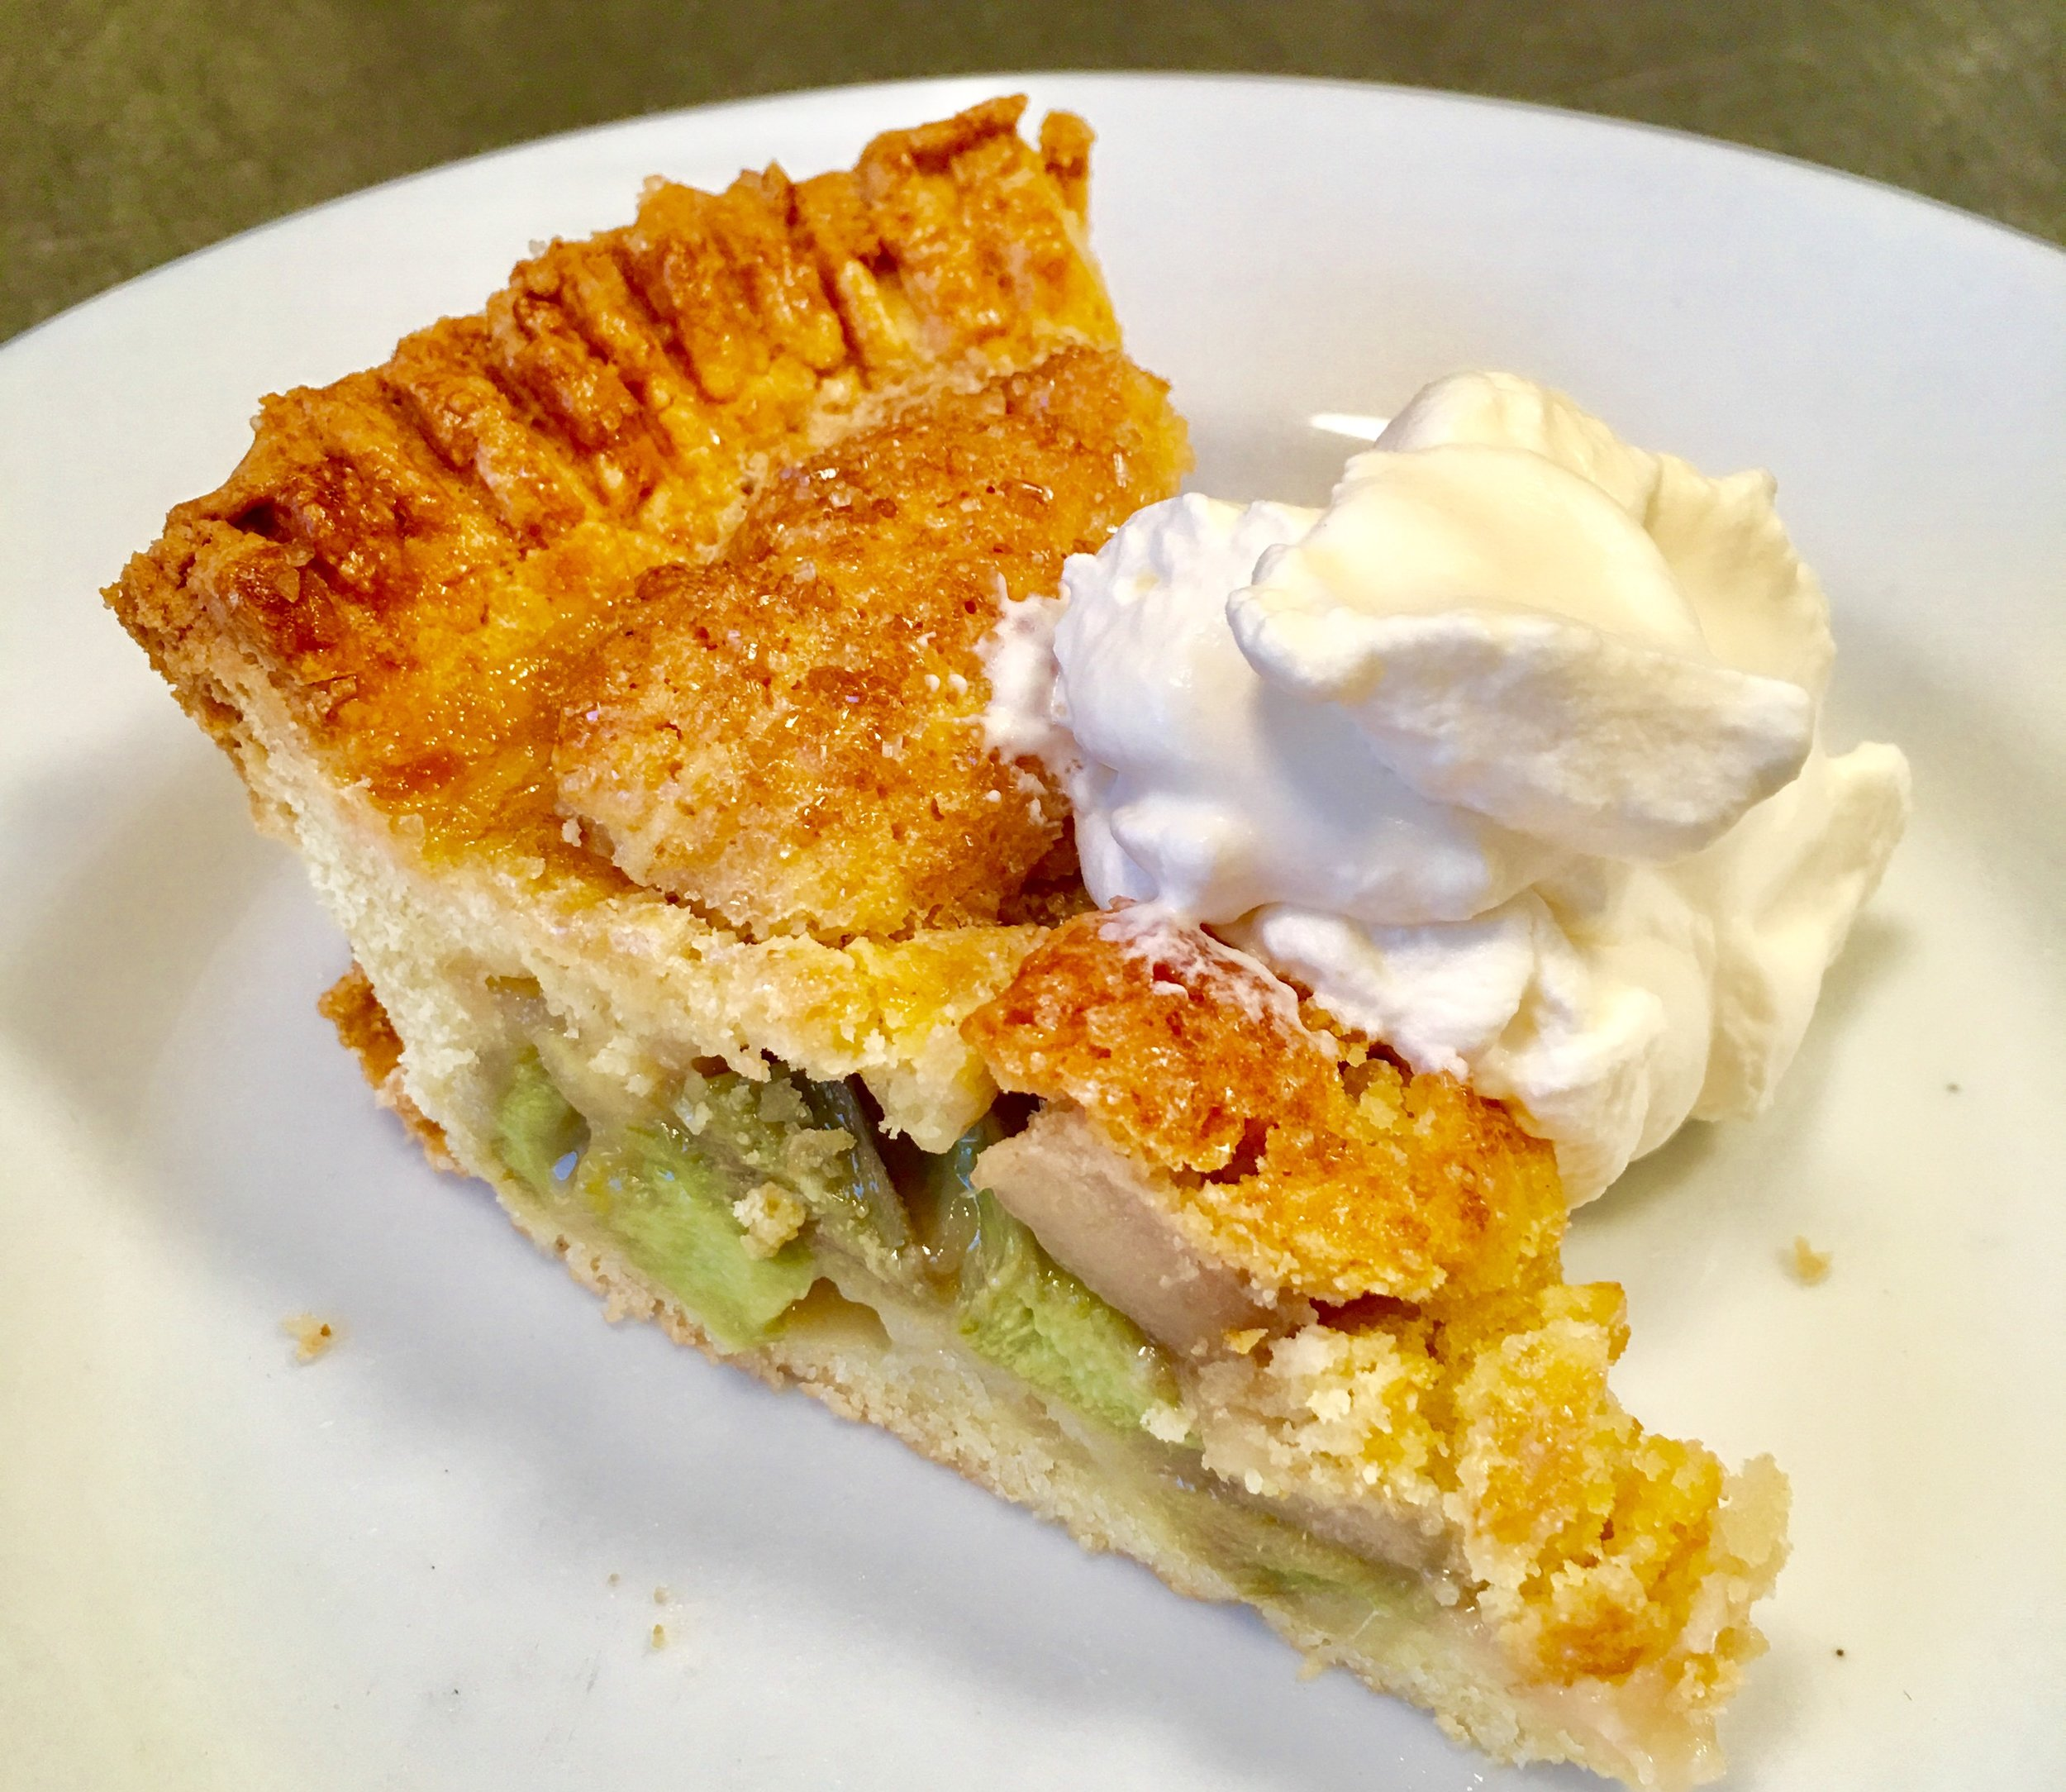 11.-Rhubarb-and-Apple-Pie.jpg